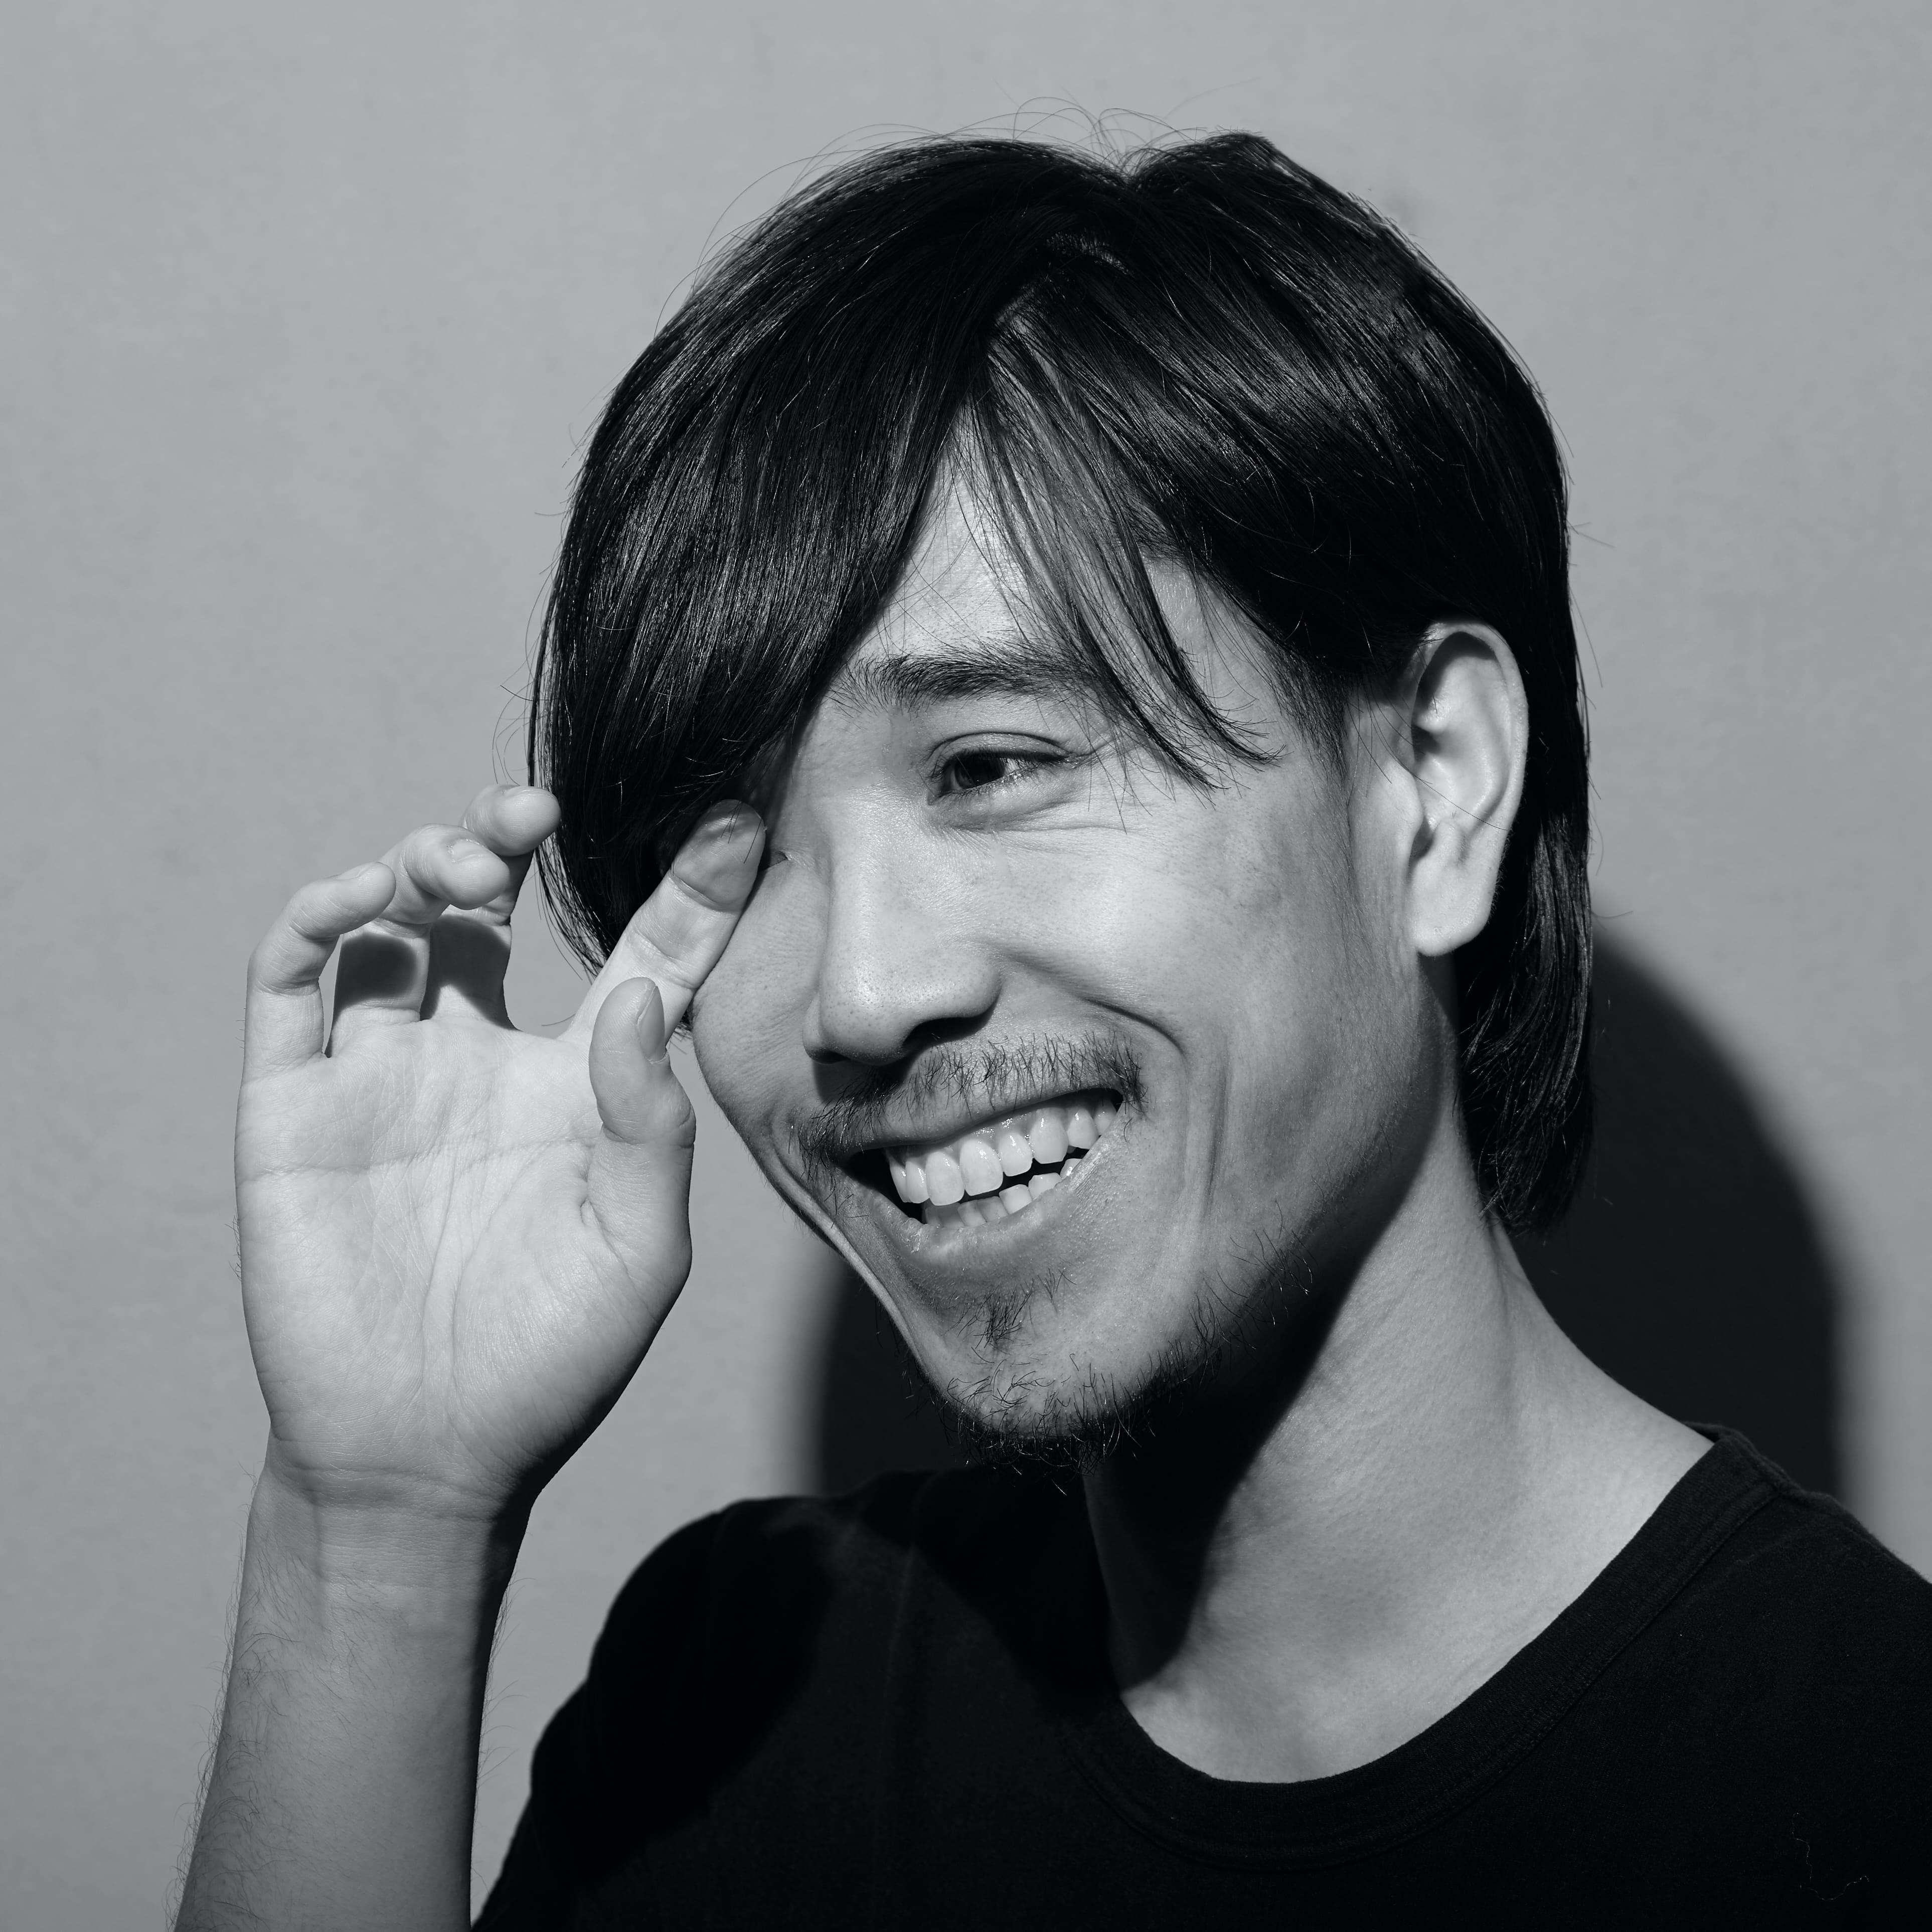 Ryota Yasuda